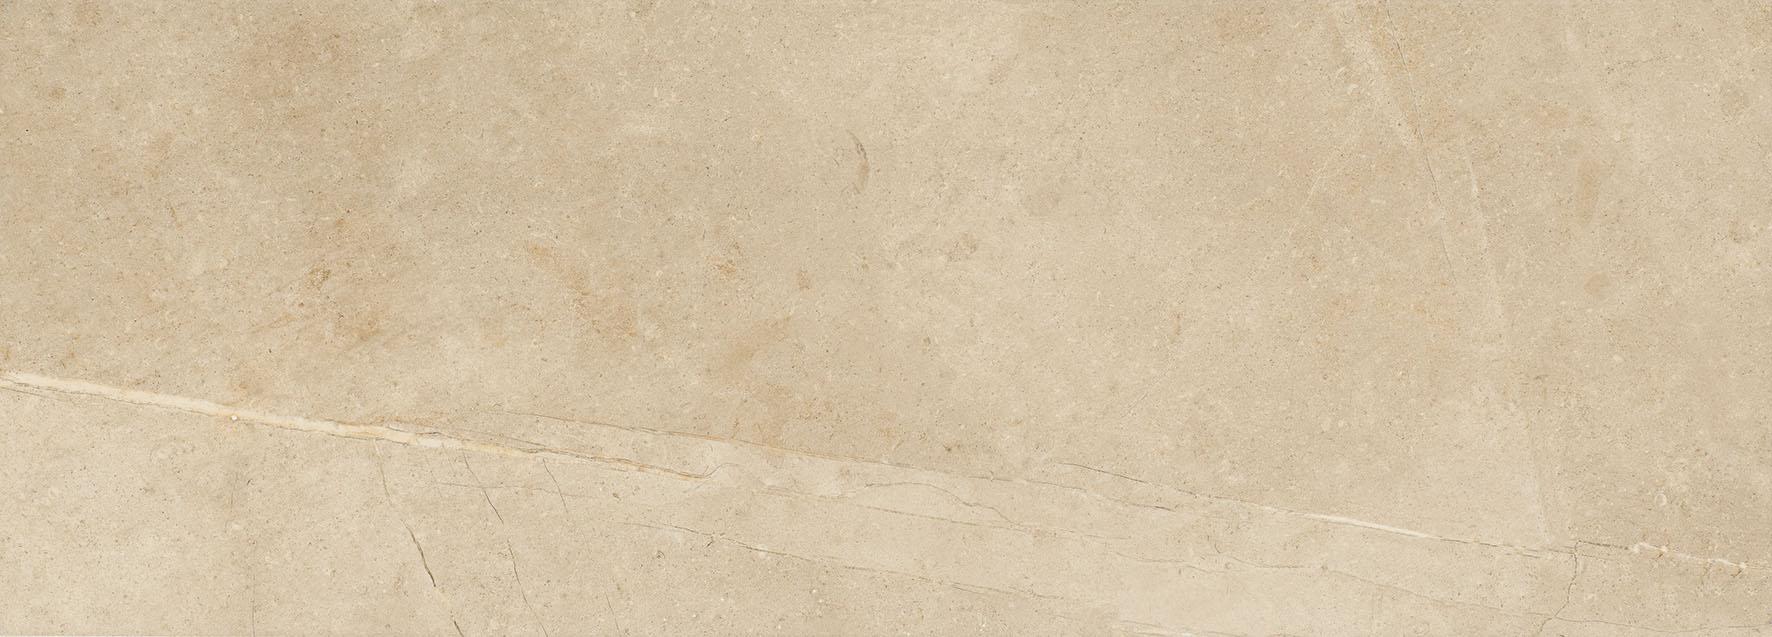 Peronda płytki na ściane 30x90 płytki marmur wysoki połysk nowoczesna łazienka salon kuchnia  w połysku rektyfikowane